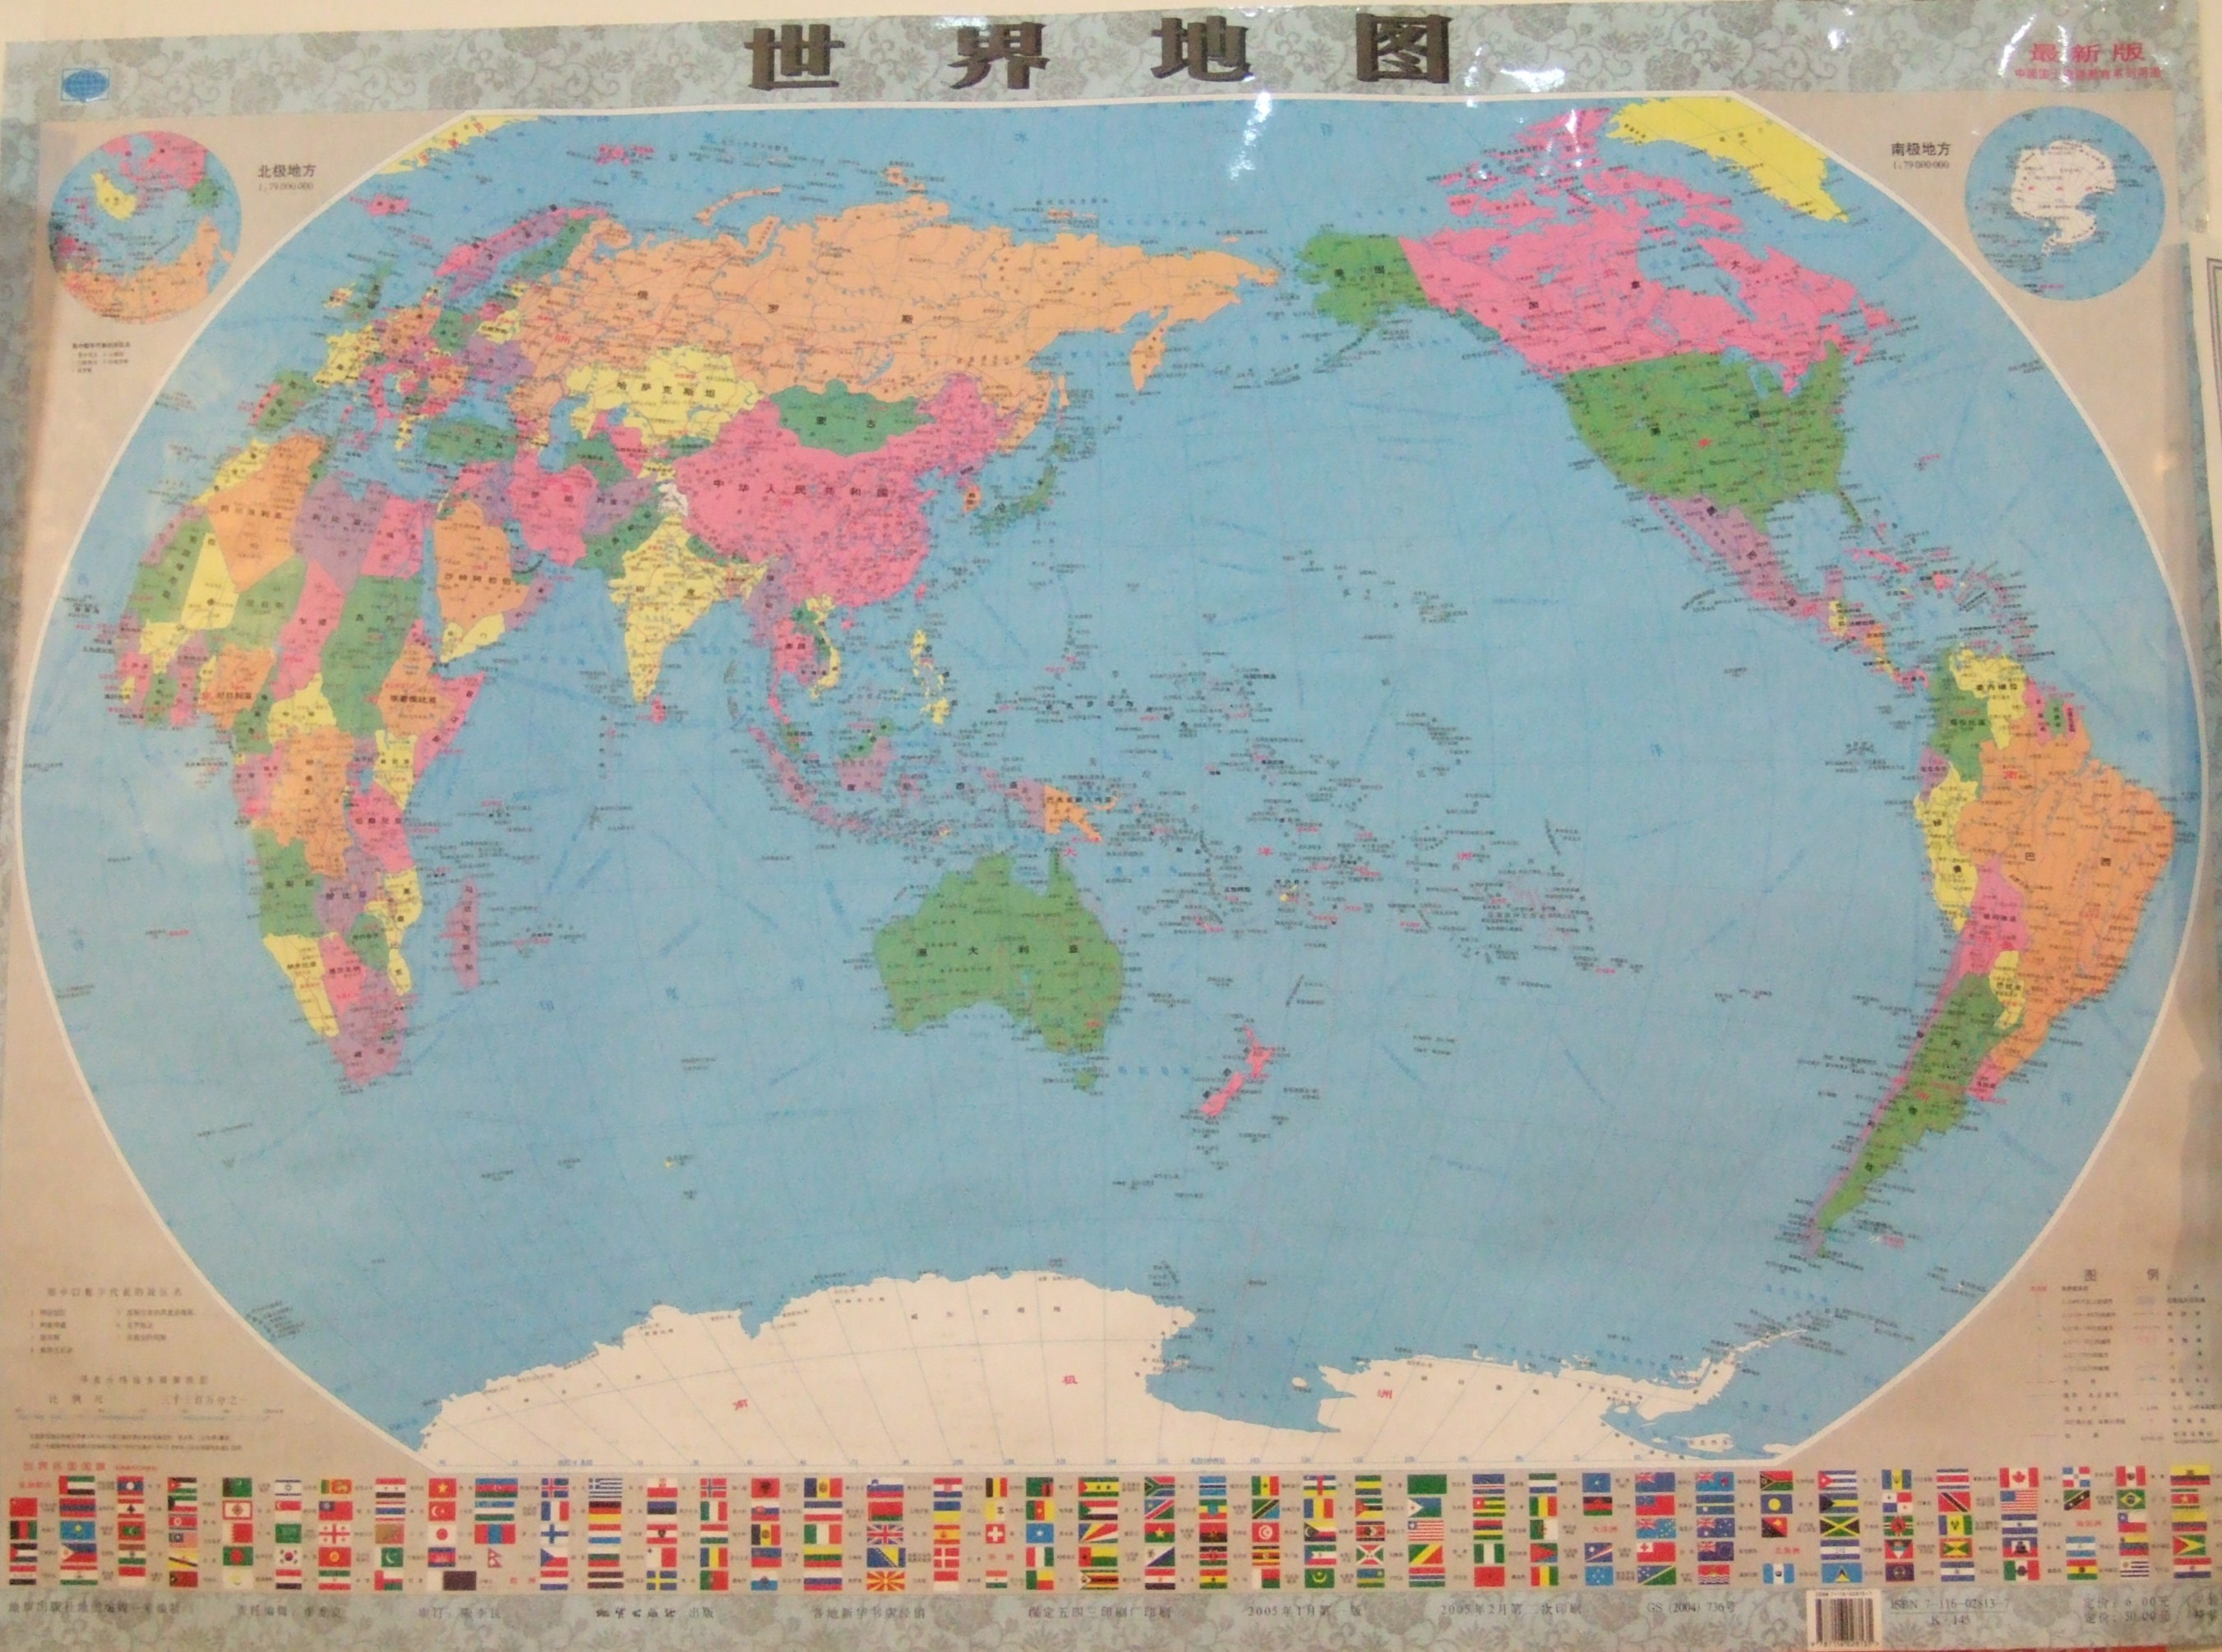 Mapa-múndi chinês